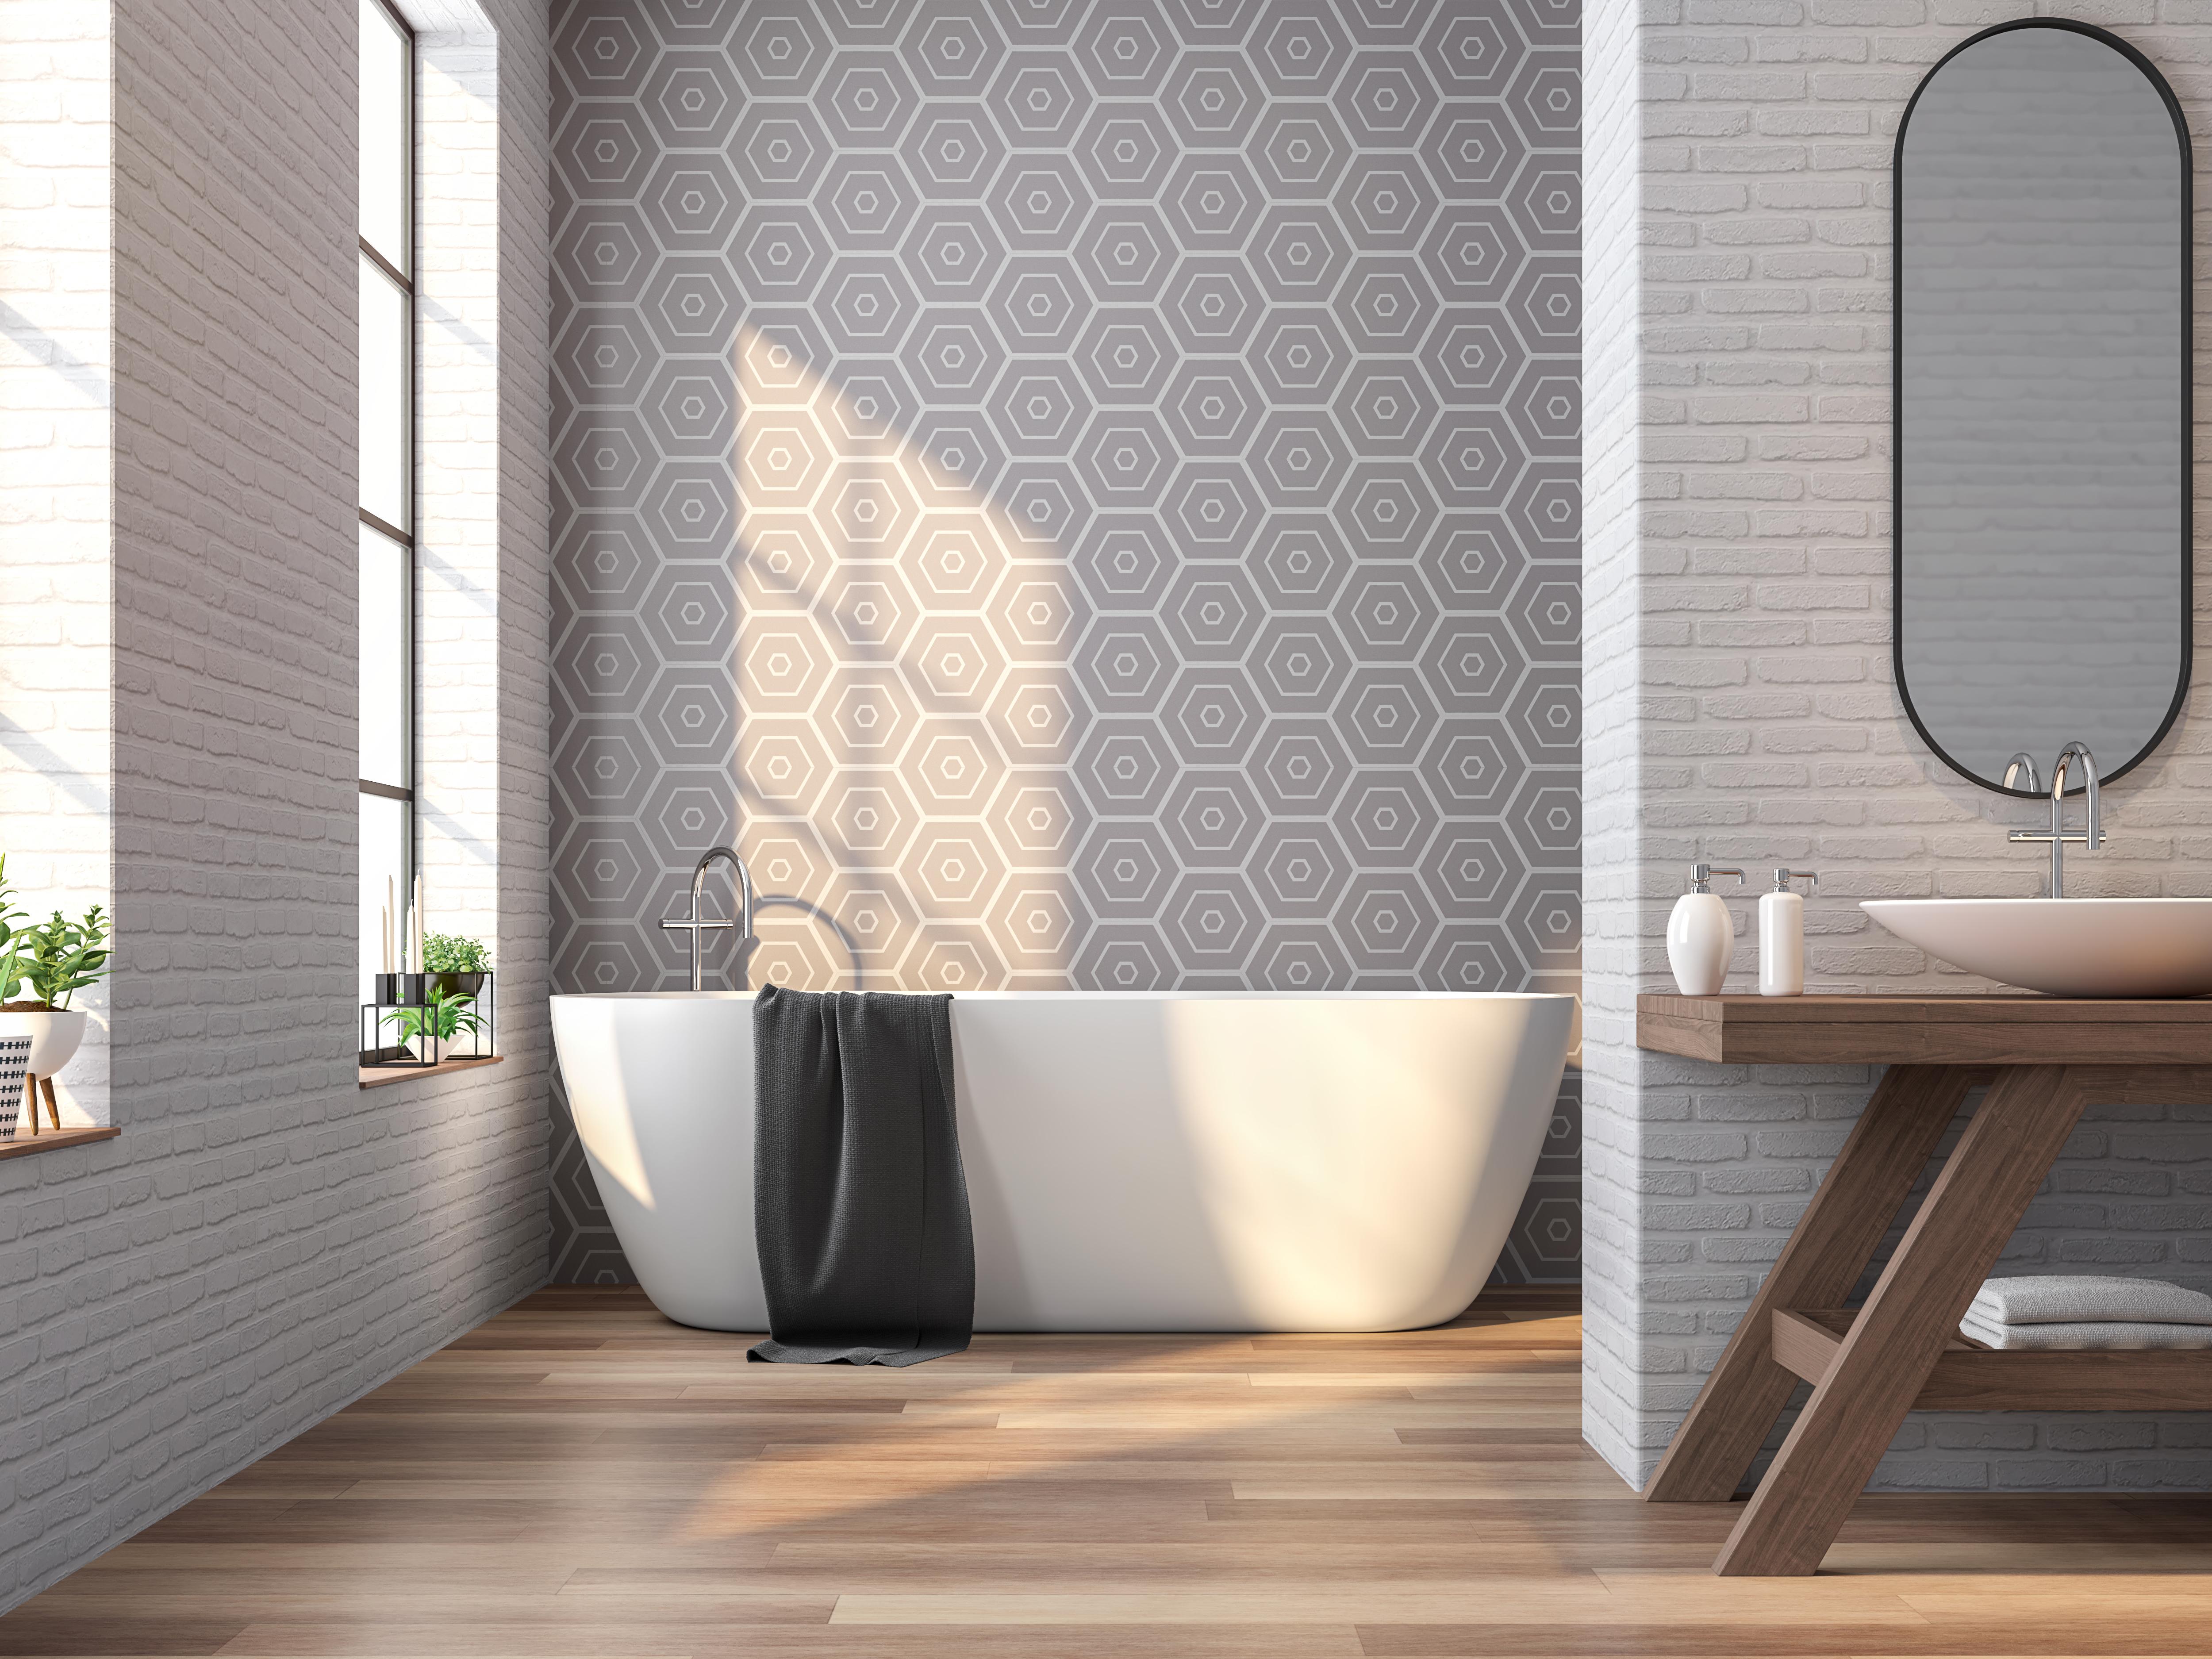 <p>Ако имате възможност, купете тапети за баня. Не е нужно да ги слагате в цялата баня, а само на една от стените. Определено ще бъде ефектно, ако харесвате тапети.</p>